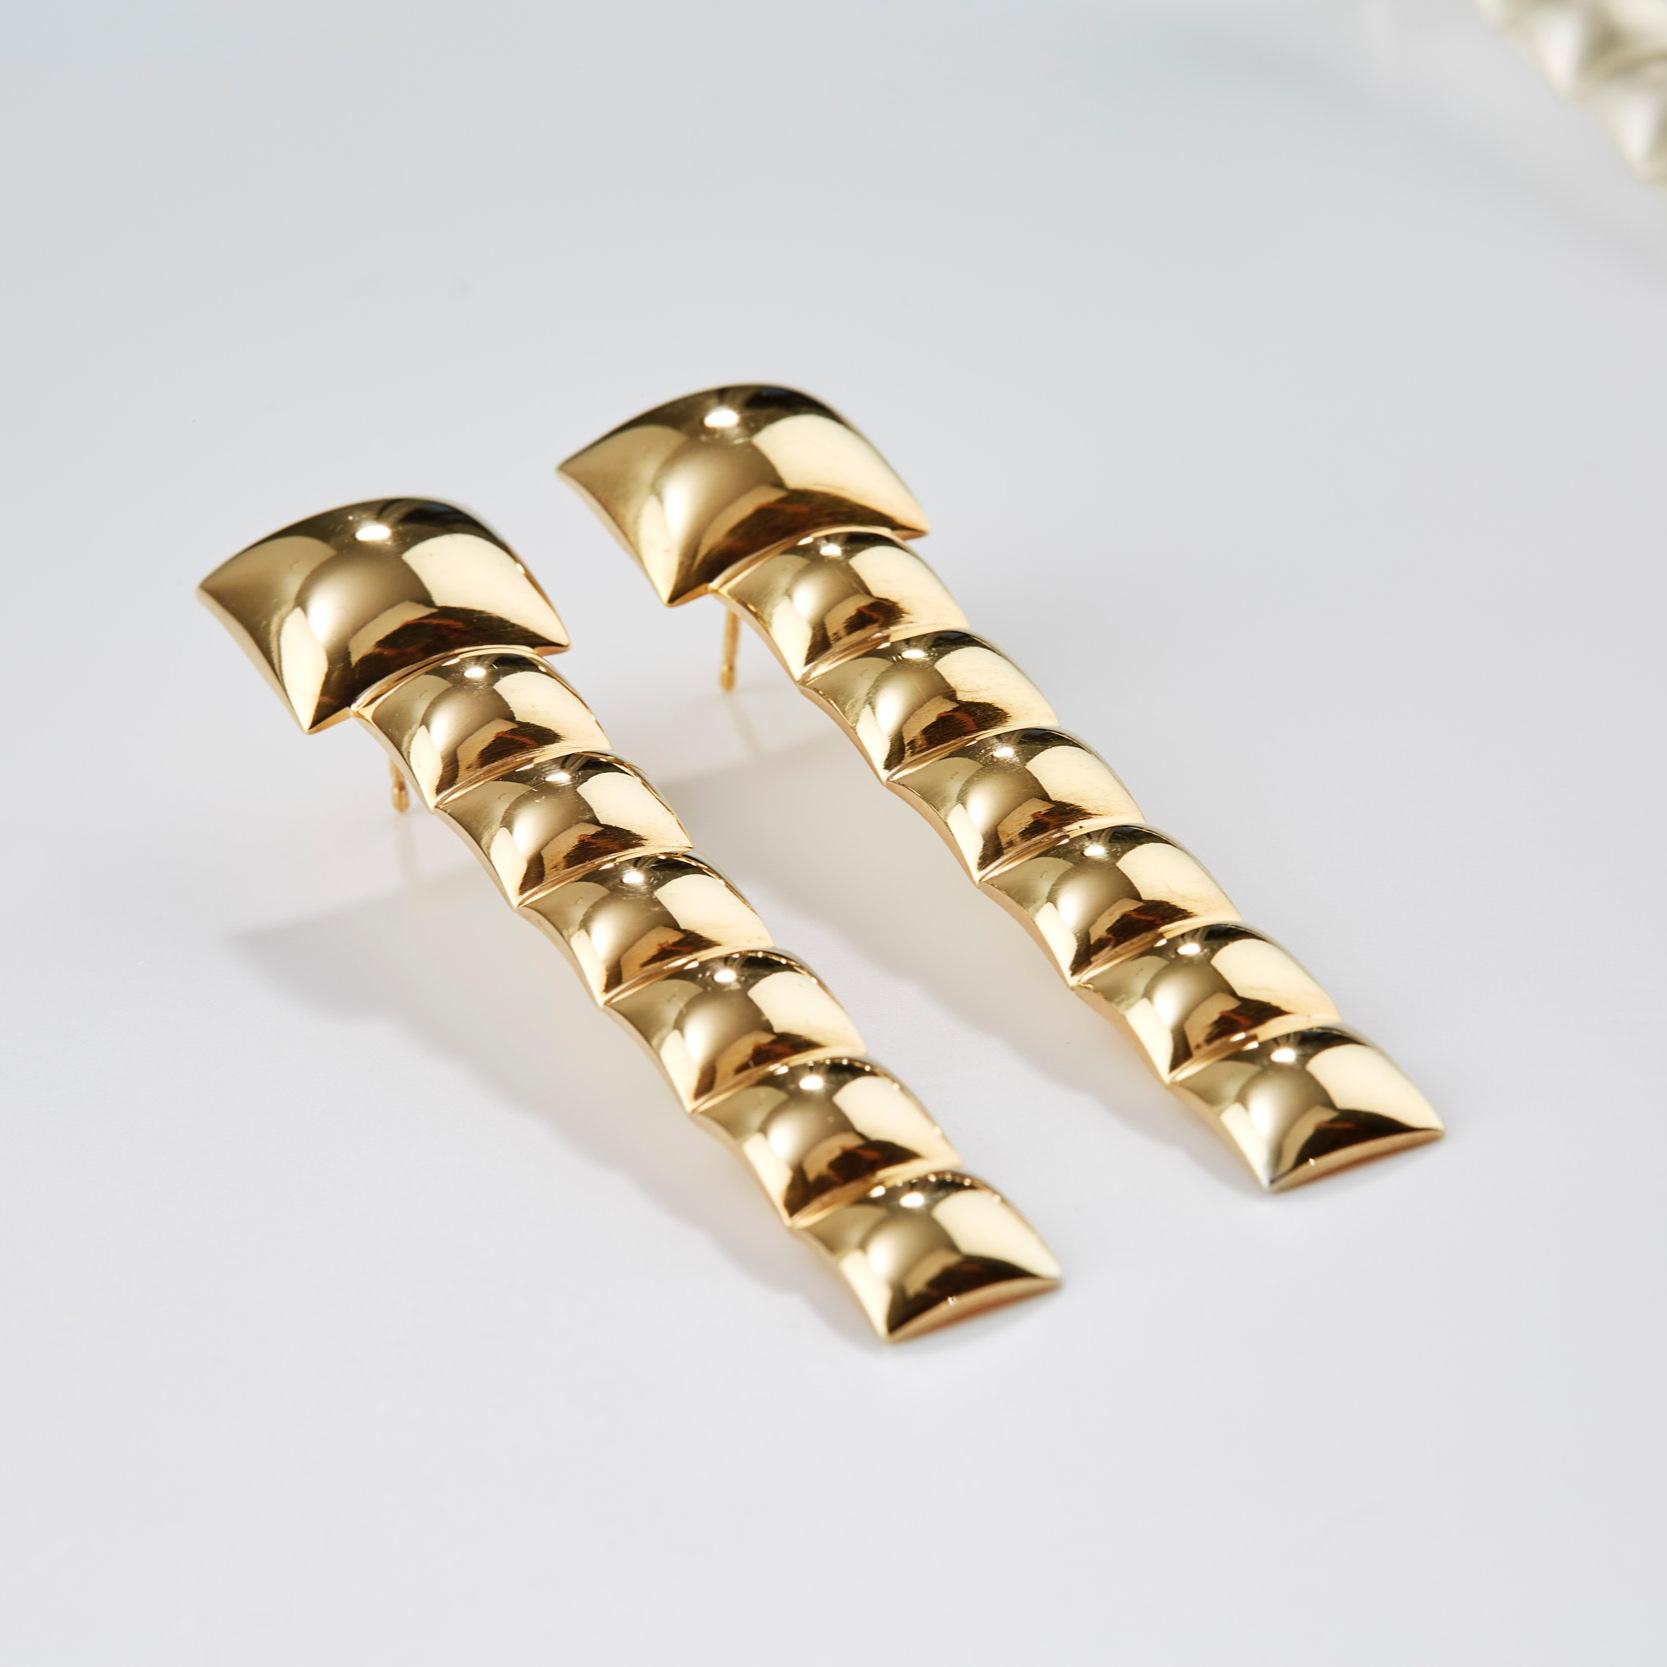 Oorjuwelen Repetition, 18k goud, Rembrandt Jordan.jpg